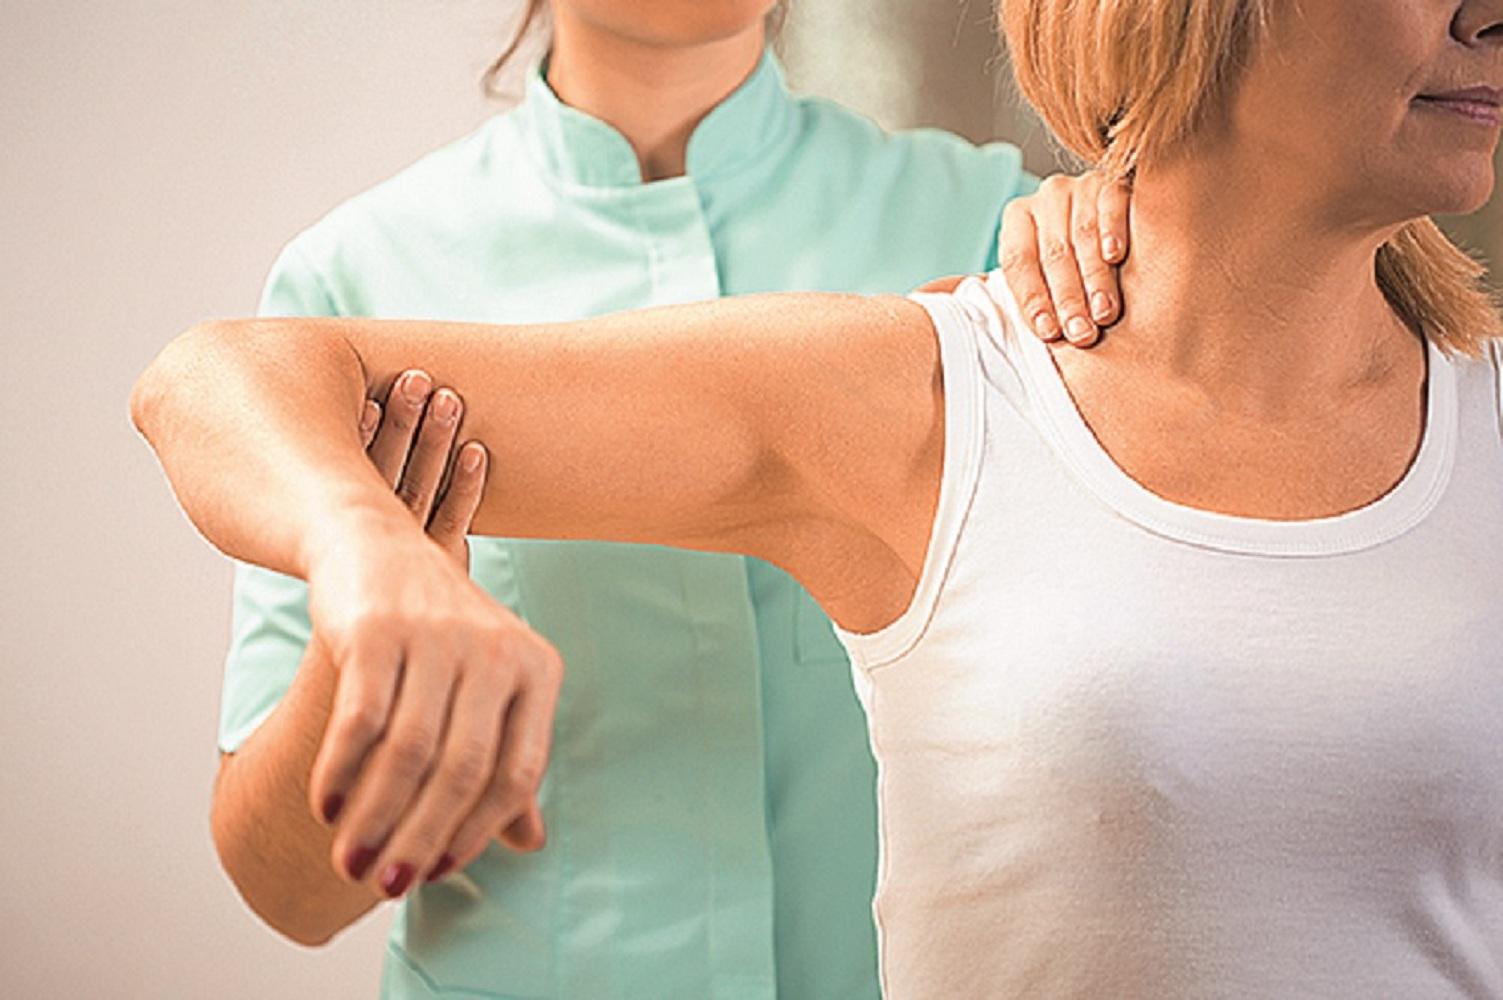 ajută la rănirea articulațiilor